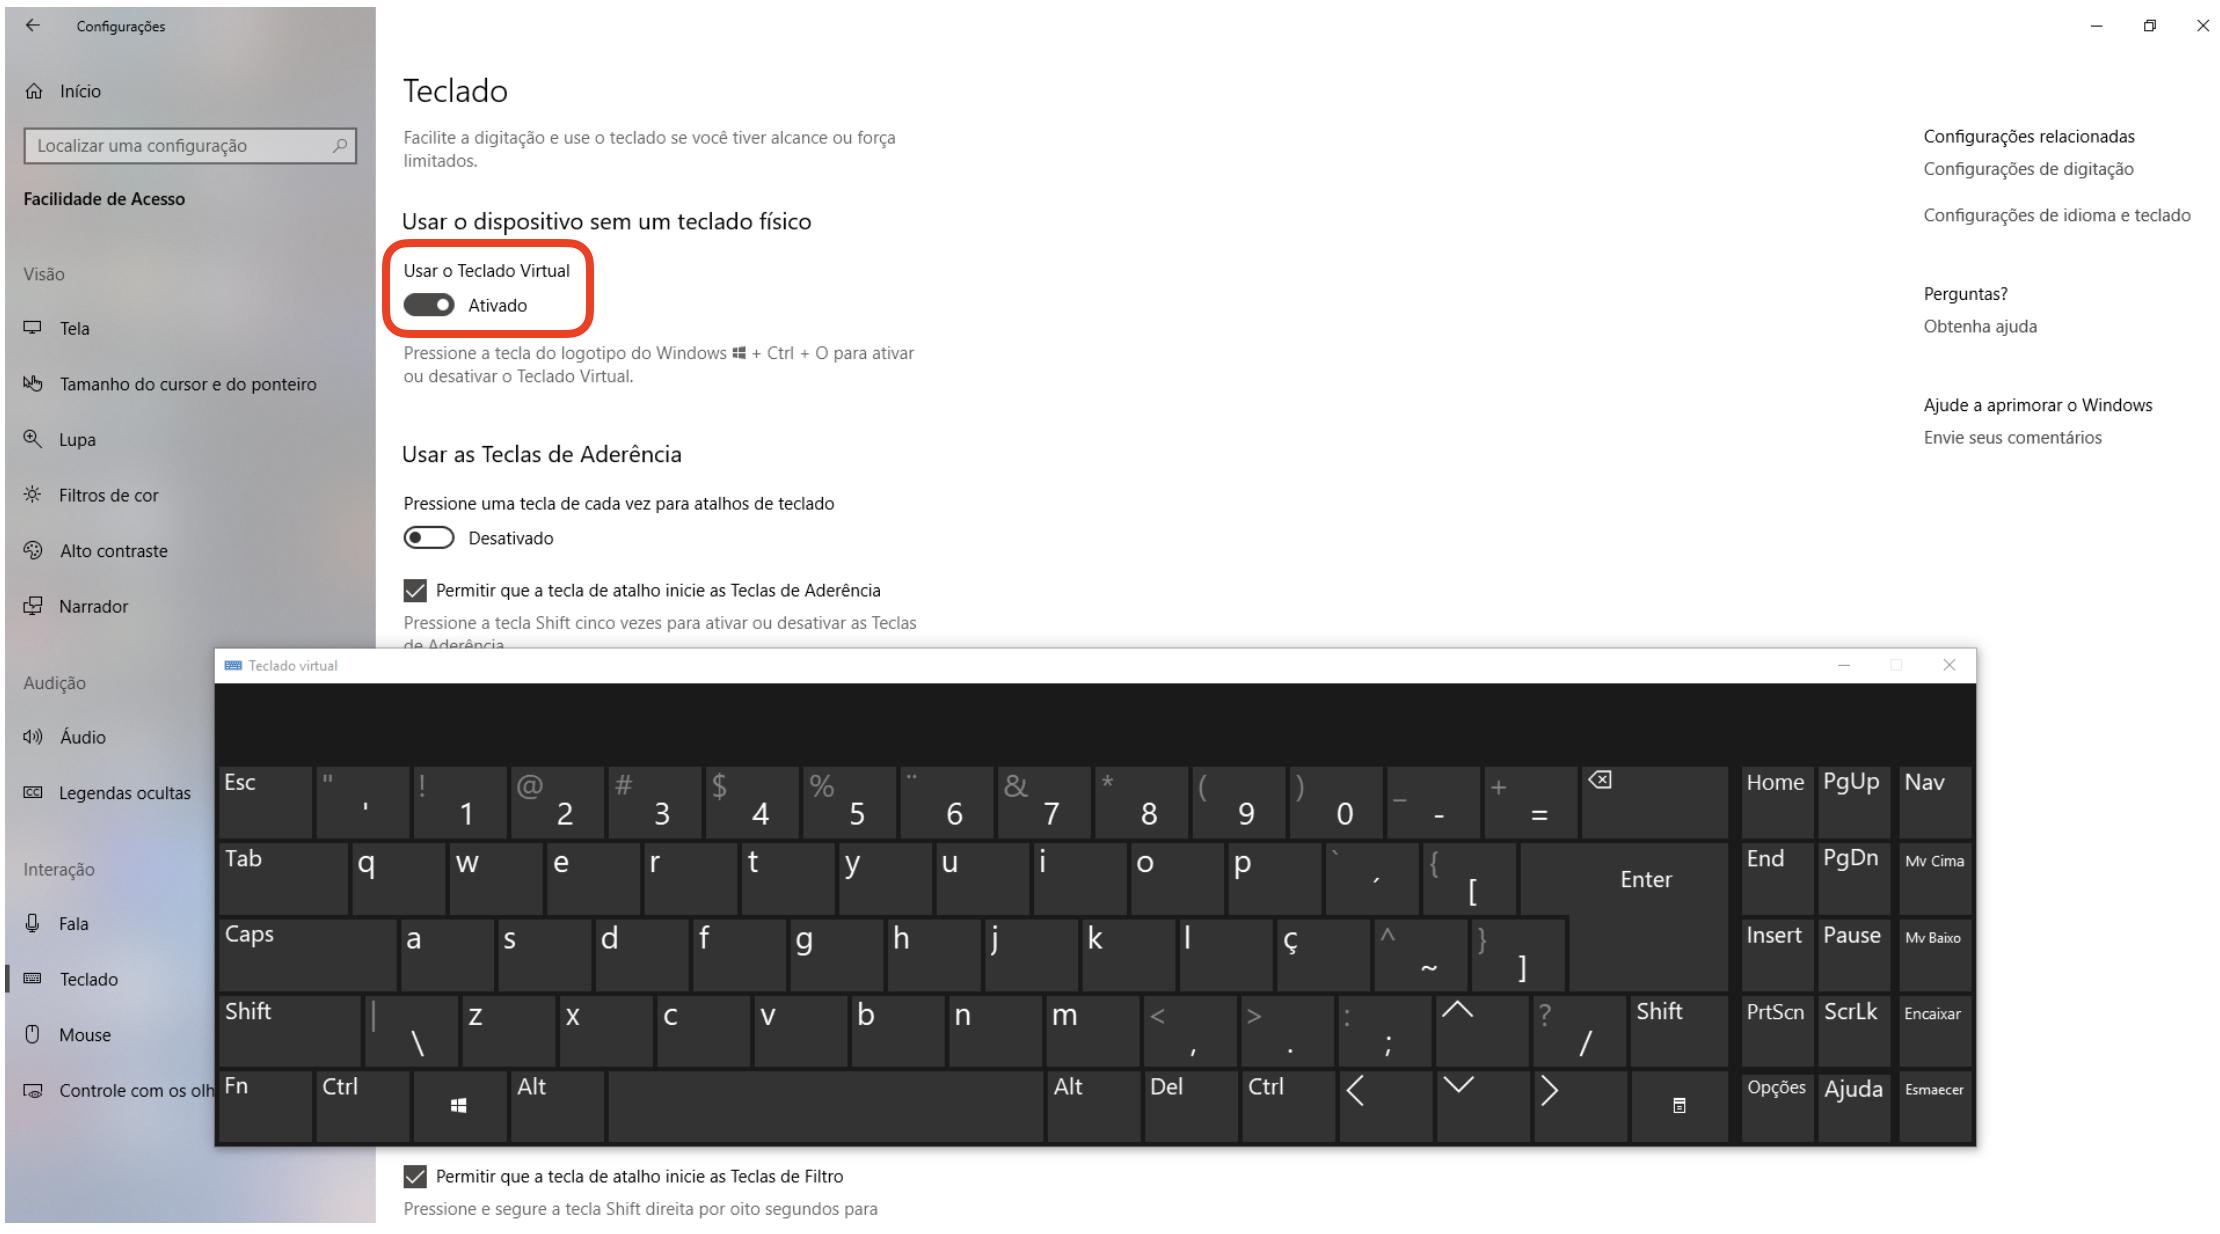 teclado virtual ativado aparecendo na tela